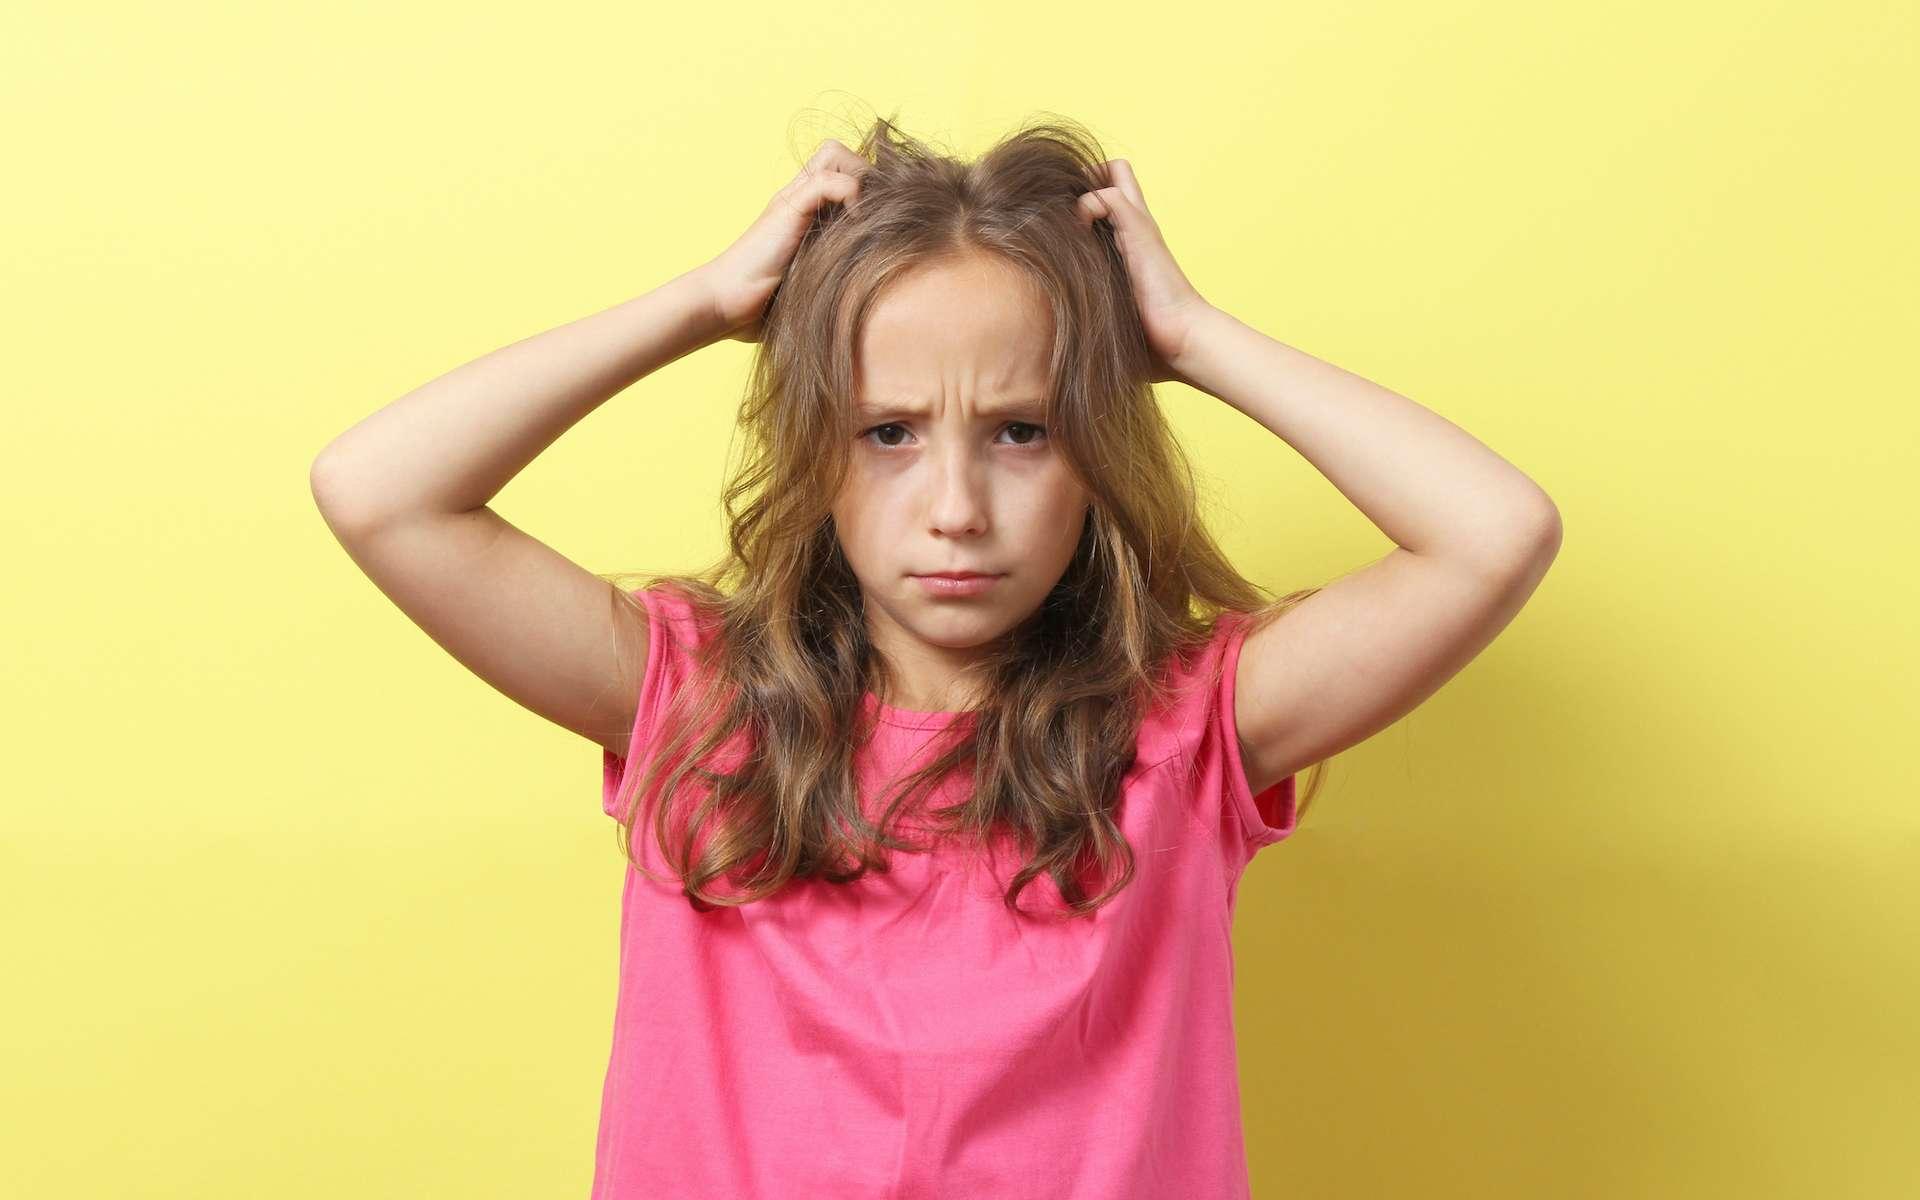 Chaque année, 20 % des enfants scolarisés sont touchés par les poux. © White bear studio, Adobe Stock